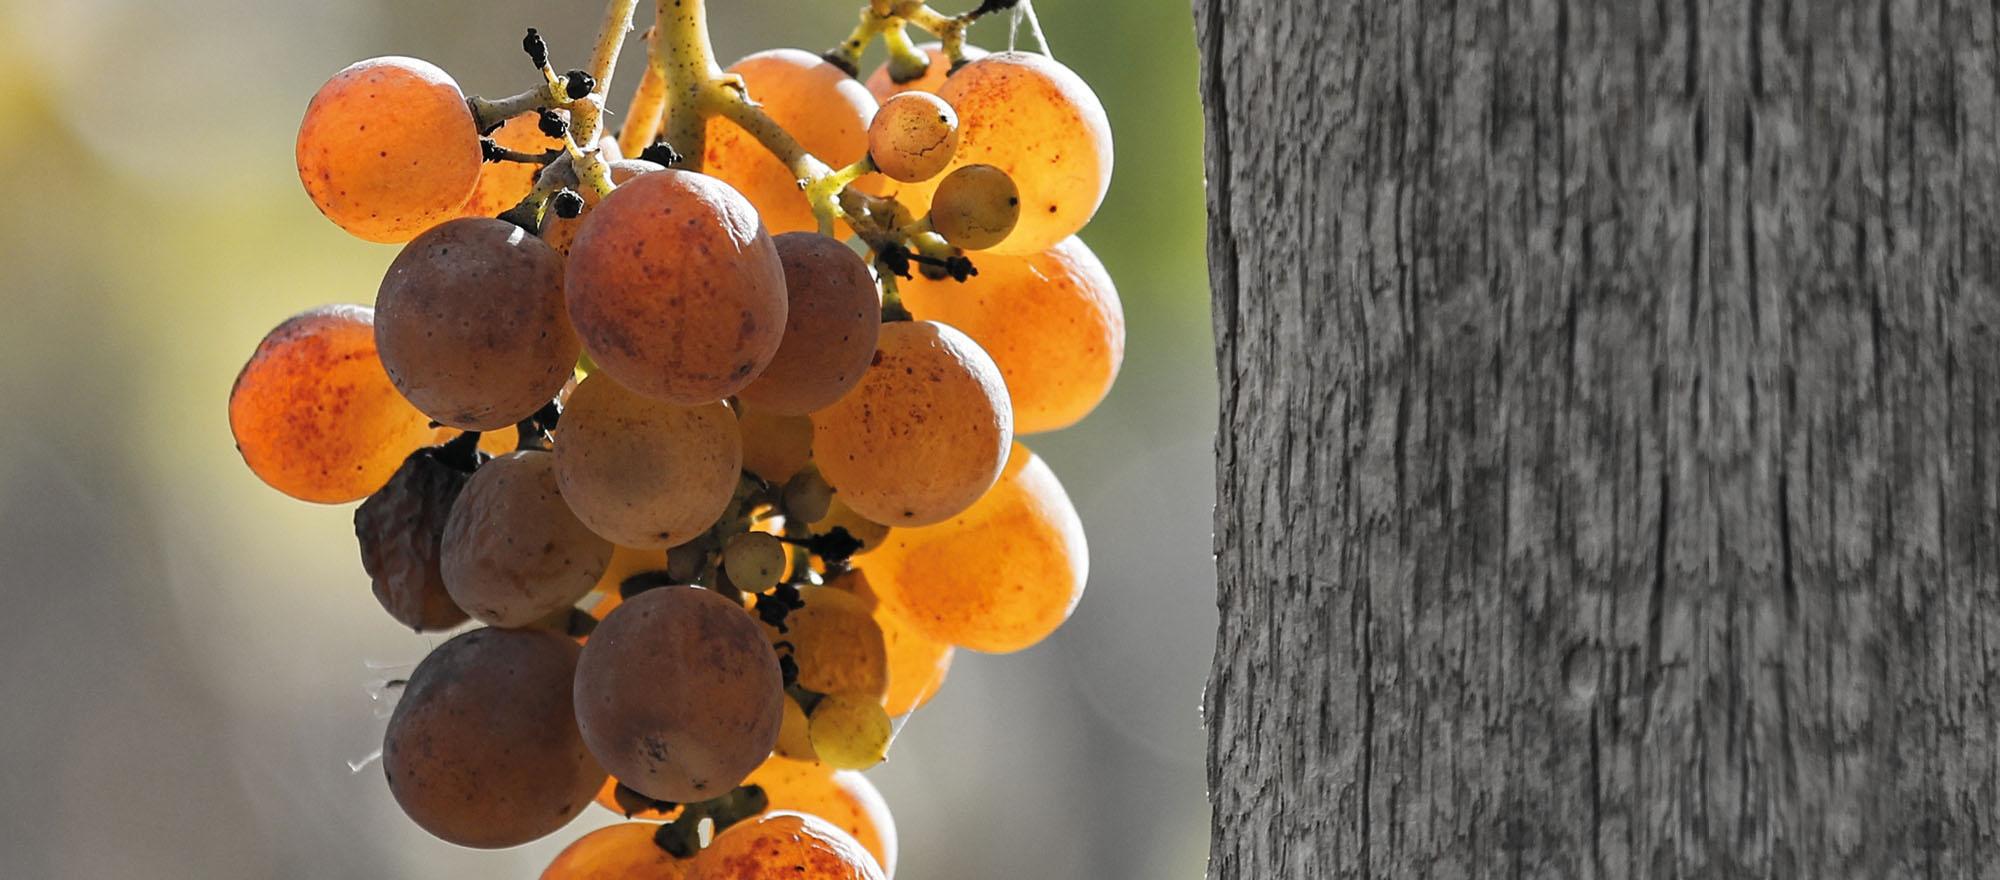 Vini naturali: esistono davvero?